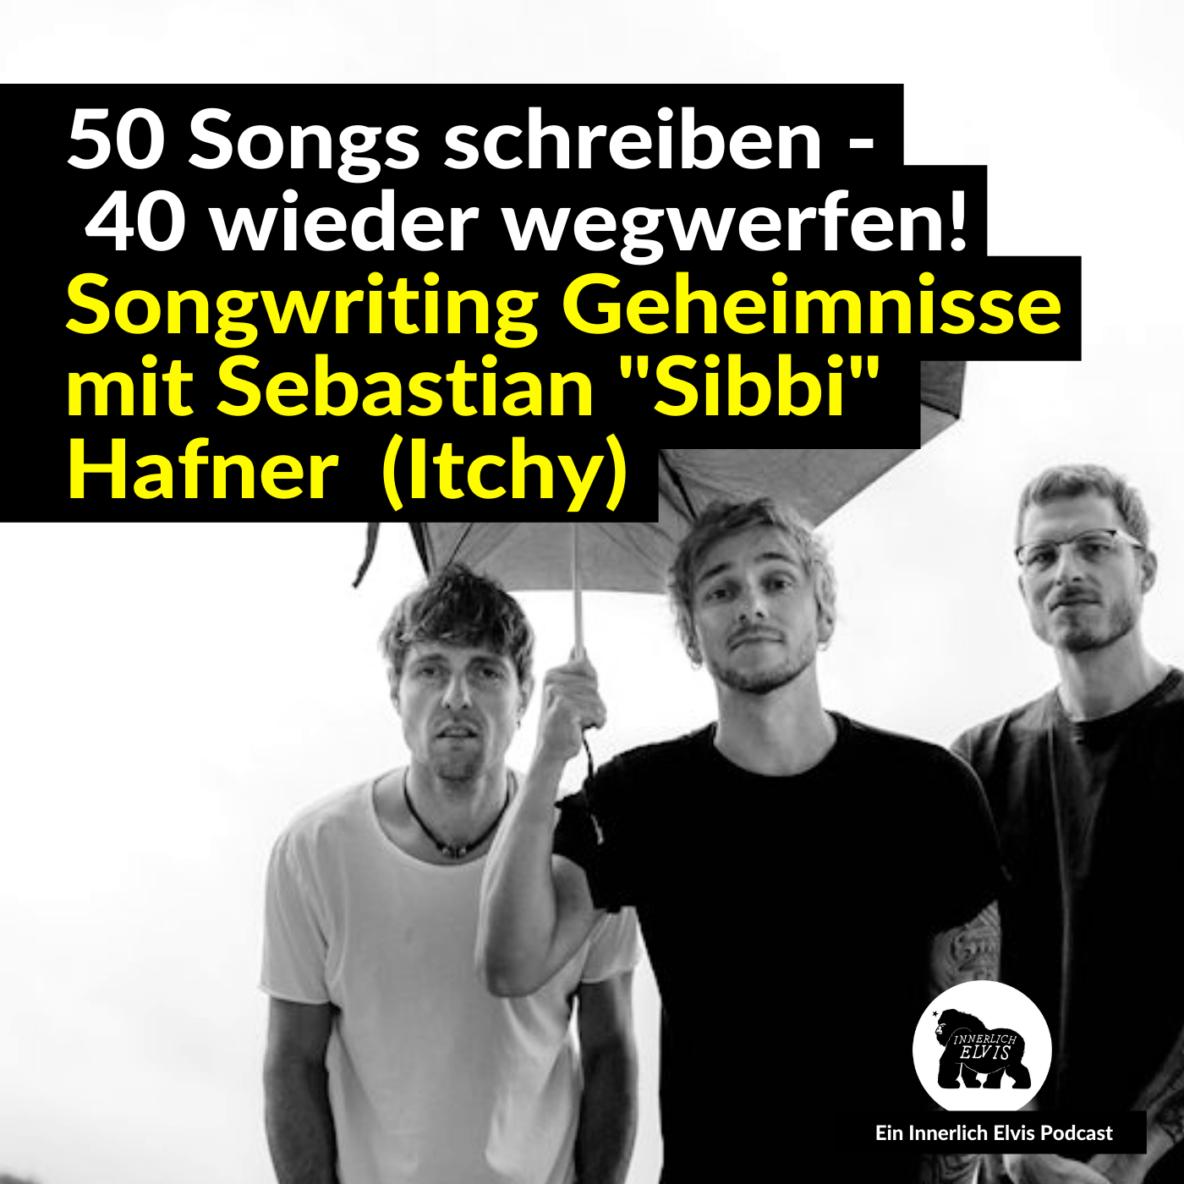 """50 Songs schreiben - 40 wieder wegwerfen! Songwriting Geheimnisse mit Sebastian """"Sibbi"""" Hafner (Itchy)"""